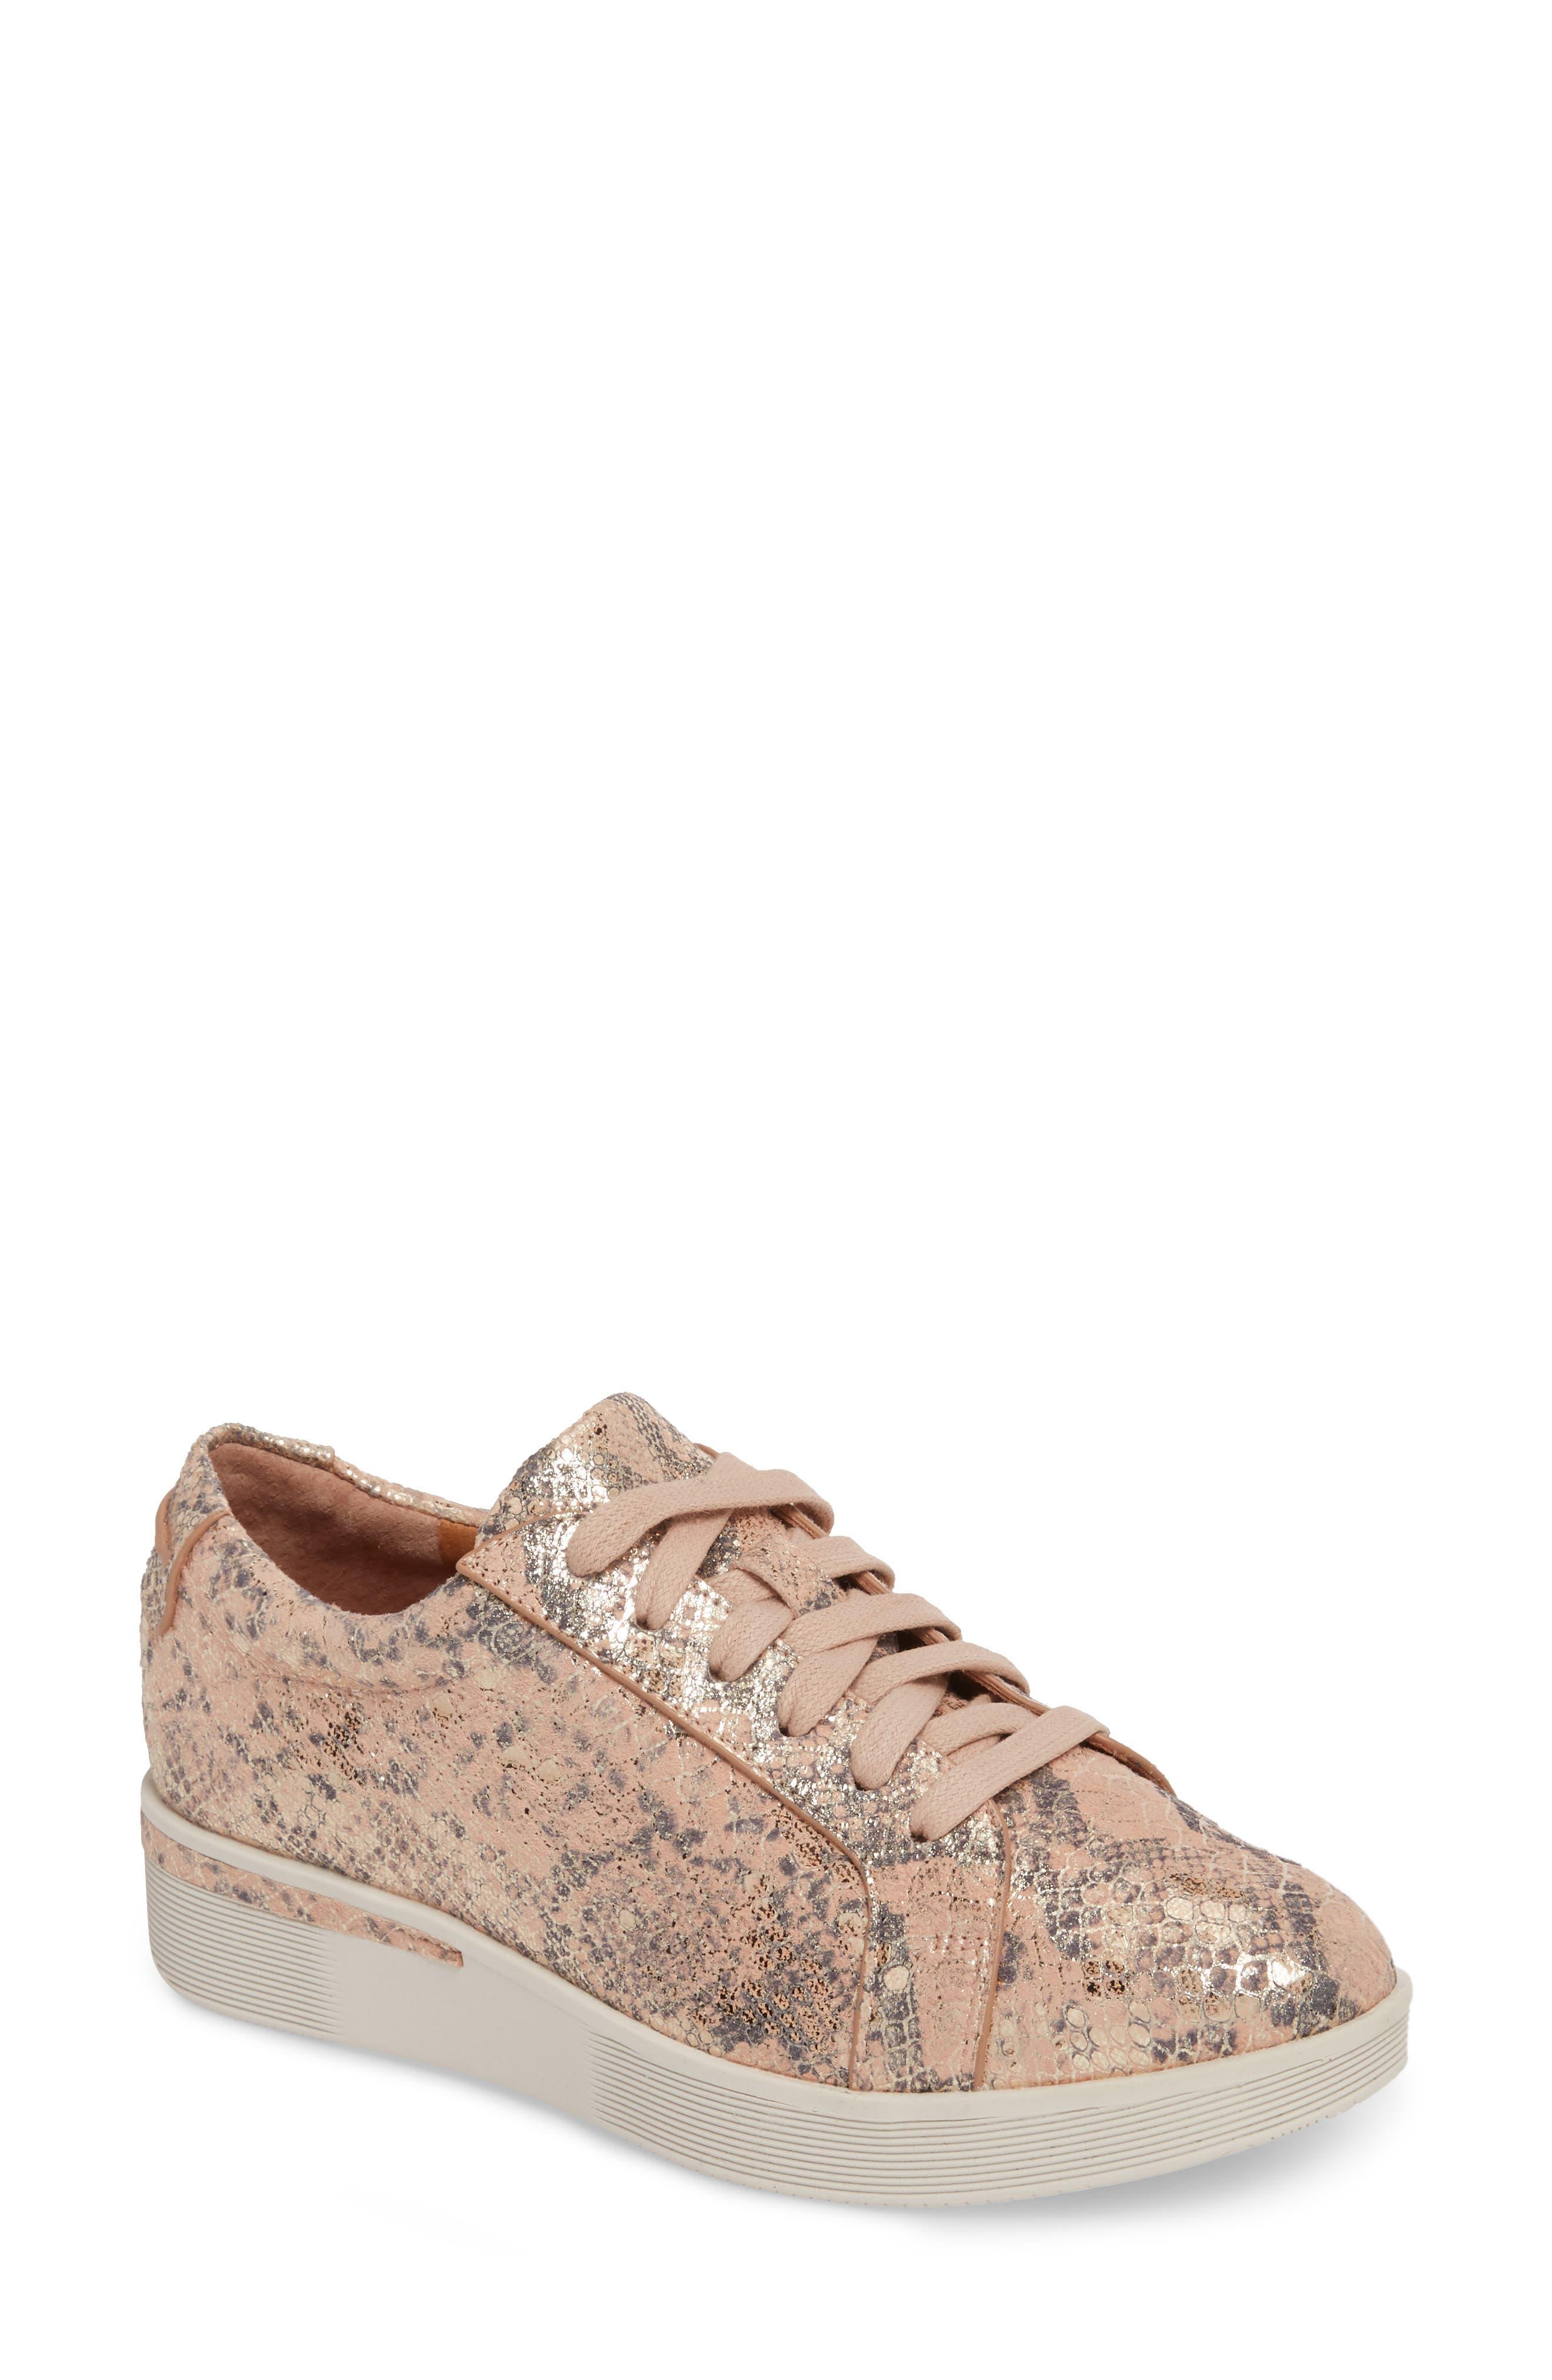 Alternate Image 1 Selected - Gentle Souls Haddie Low Platform Sneaker (Women)